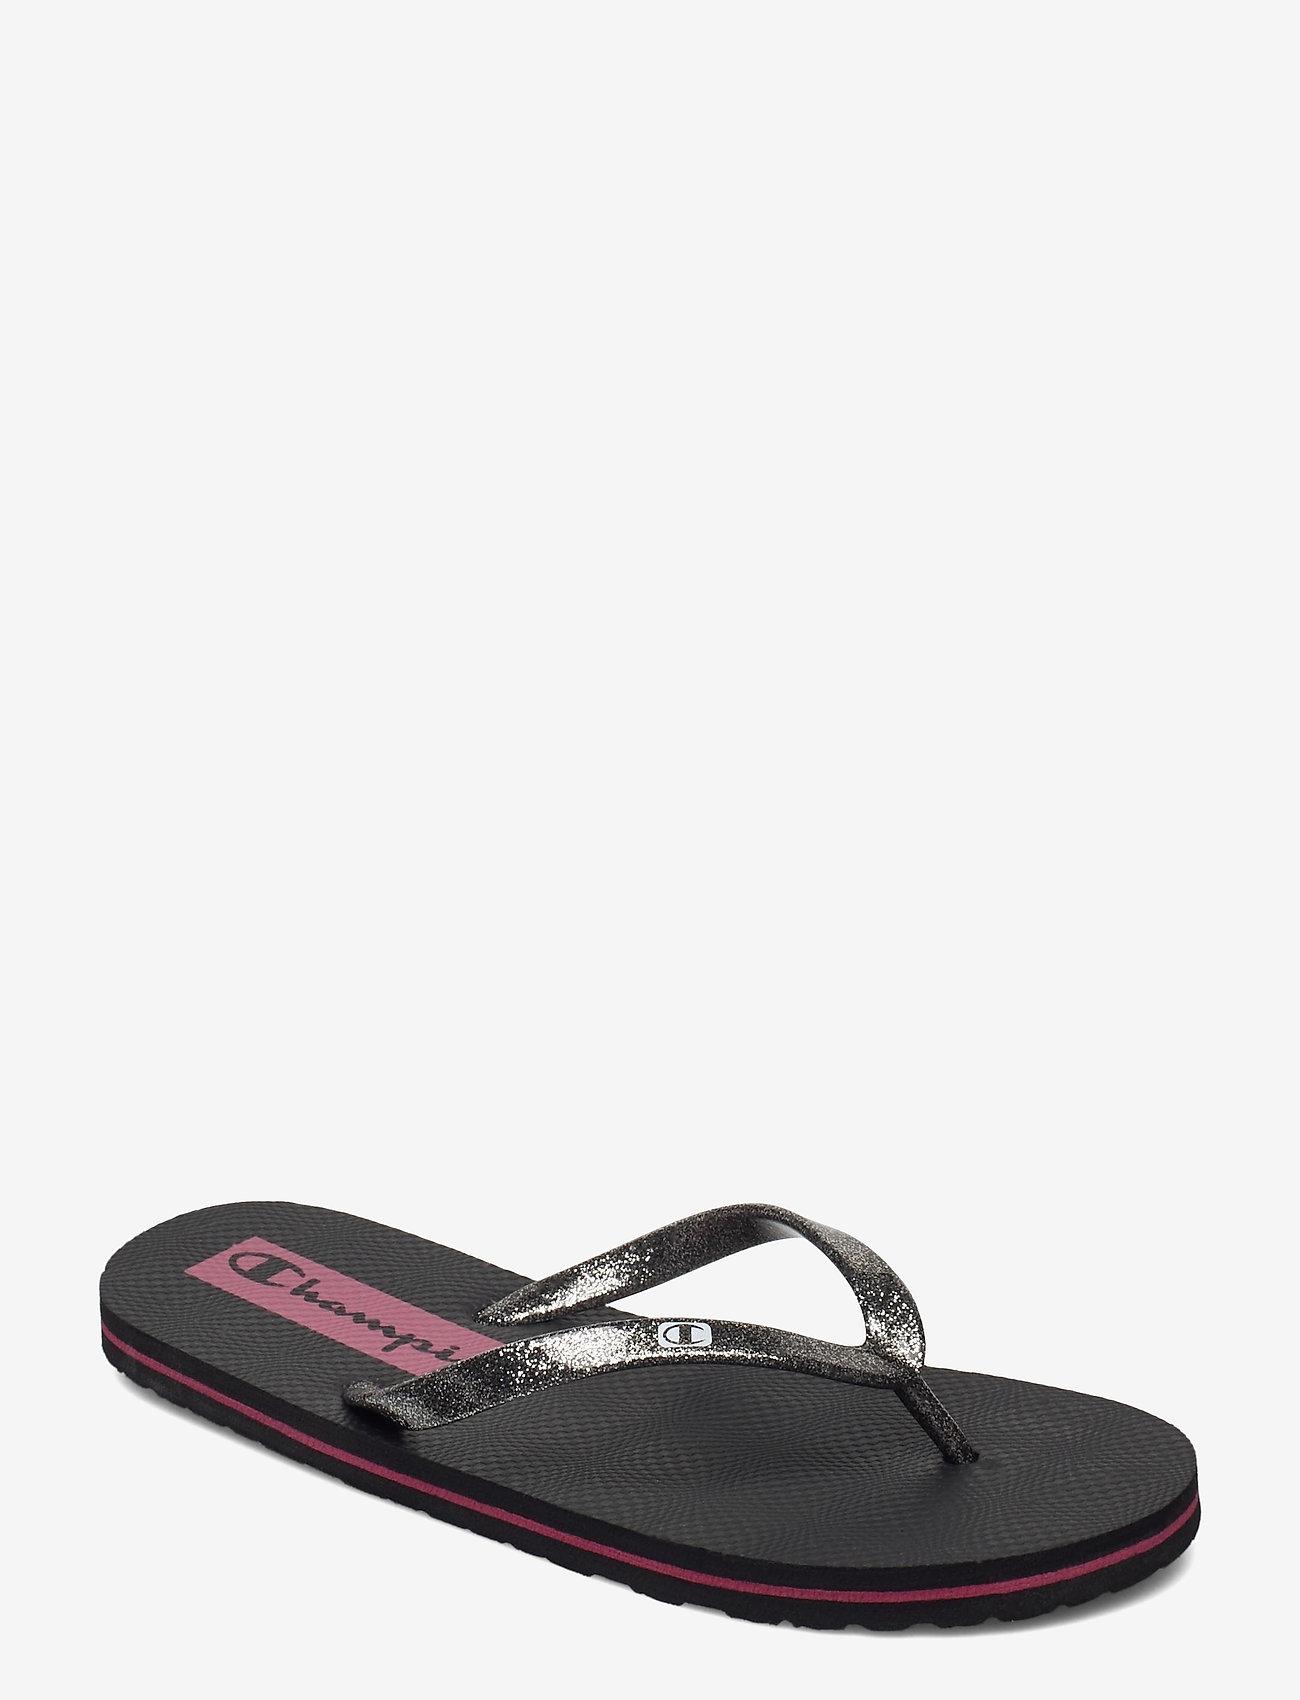 Champion - Flip Flop Slipper SIESTA - sneakers - black beauty b - 0